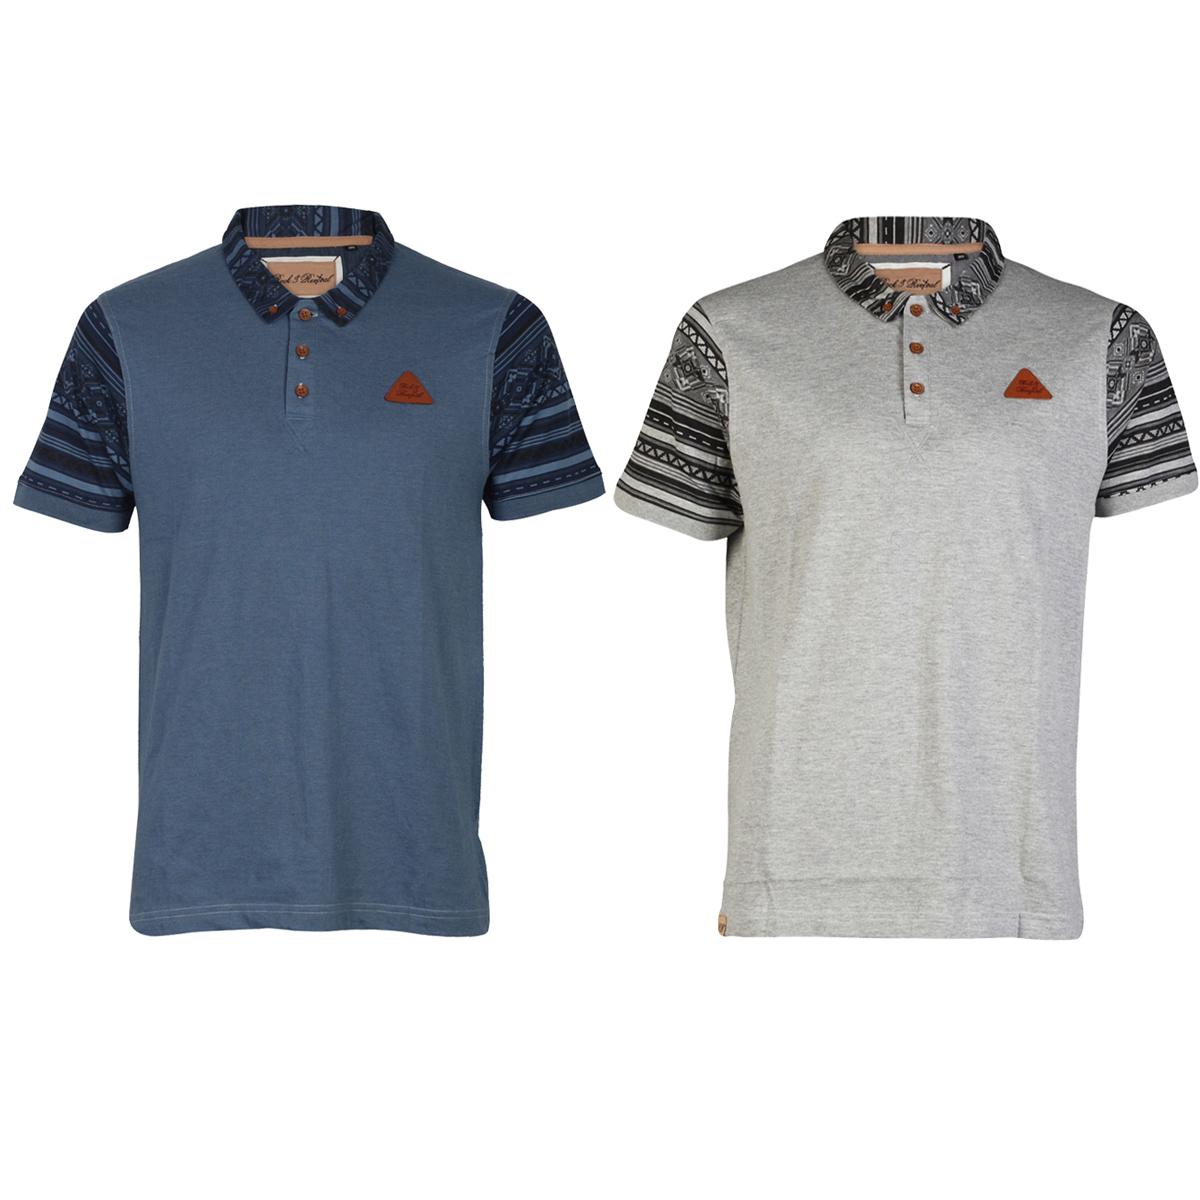 Design t shirt colar - Item Specifics